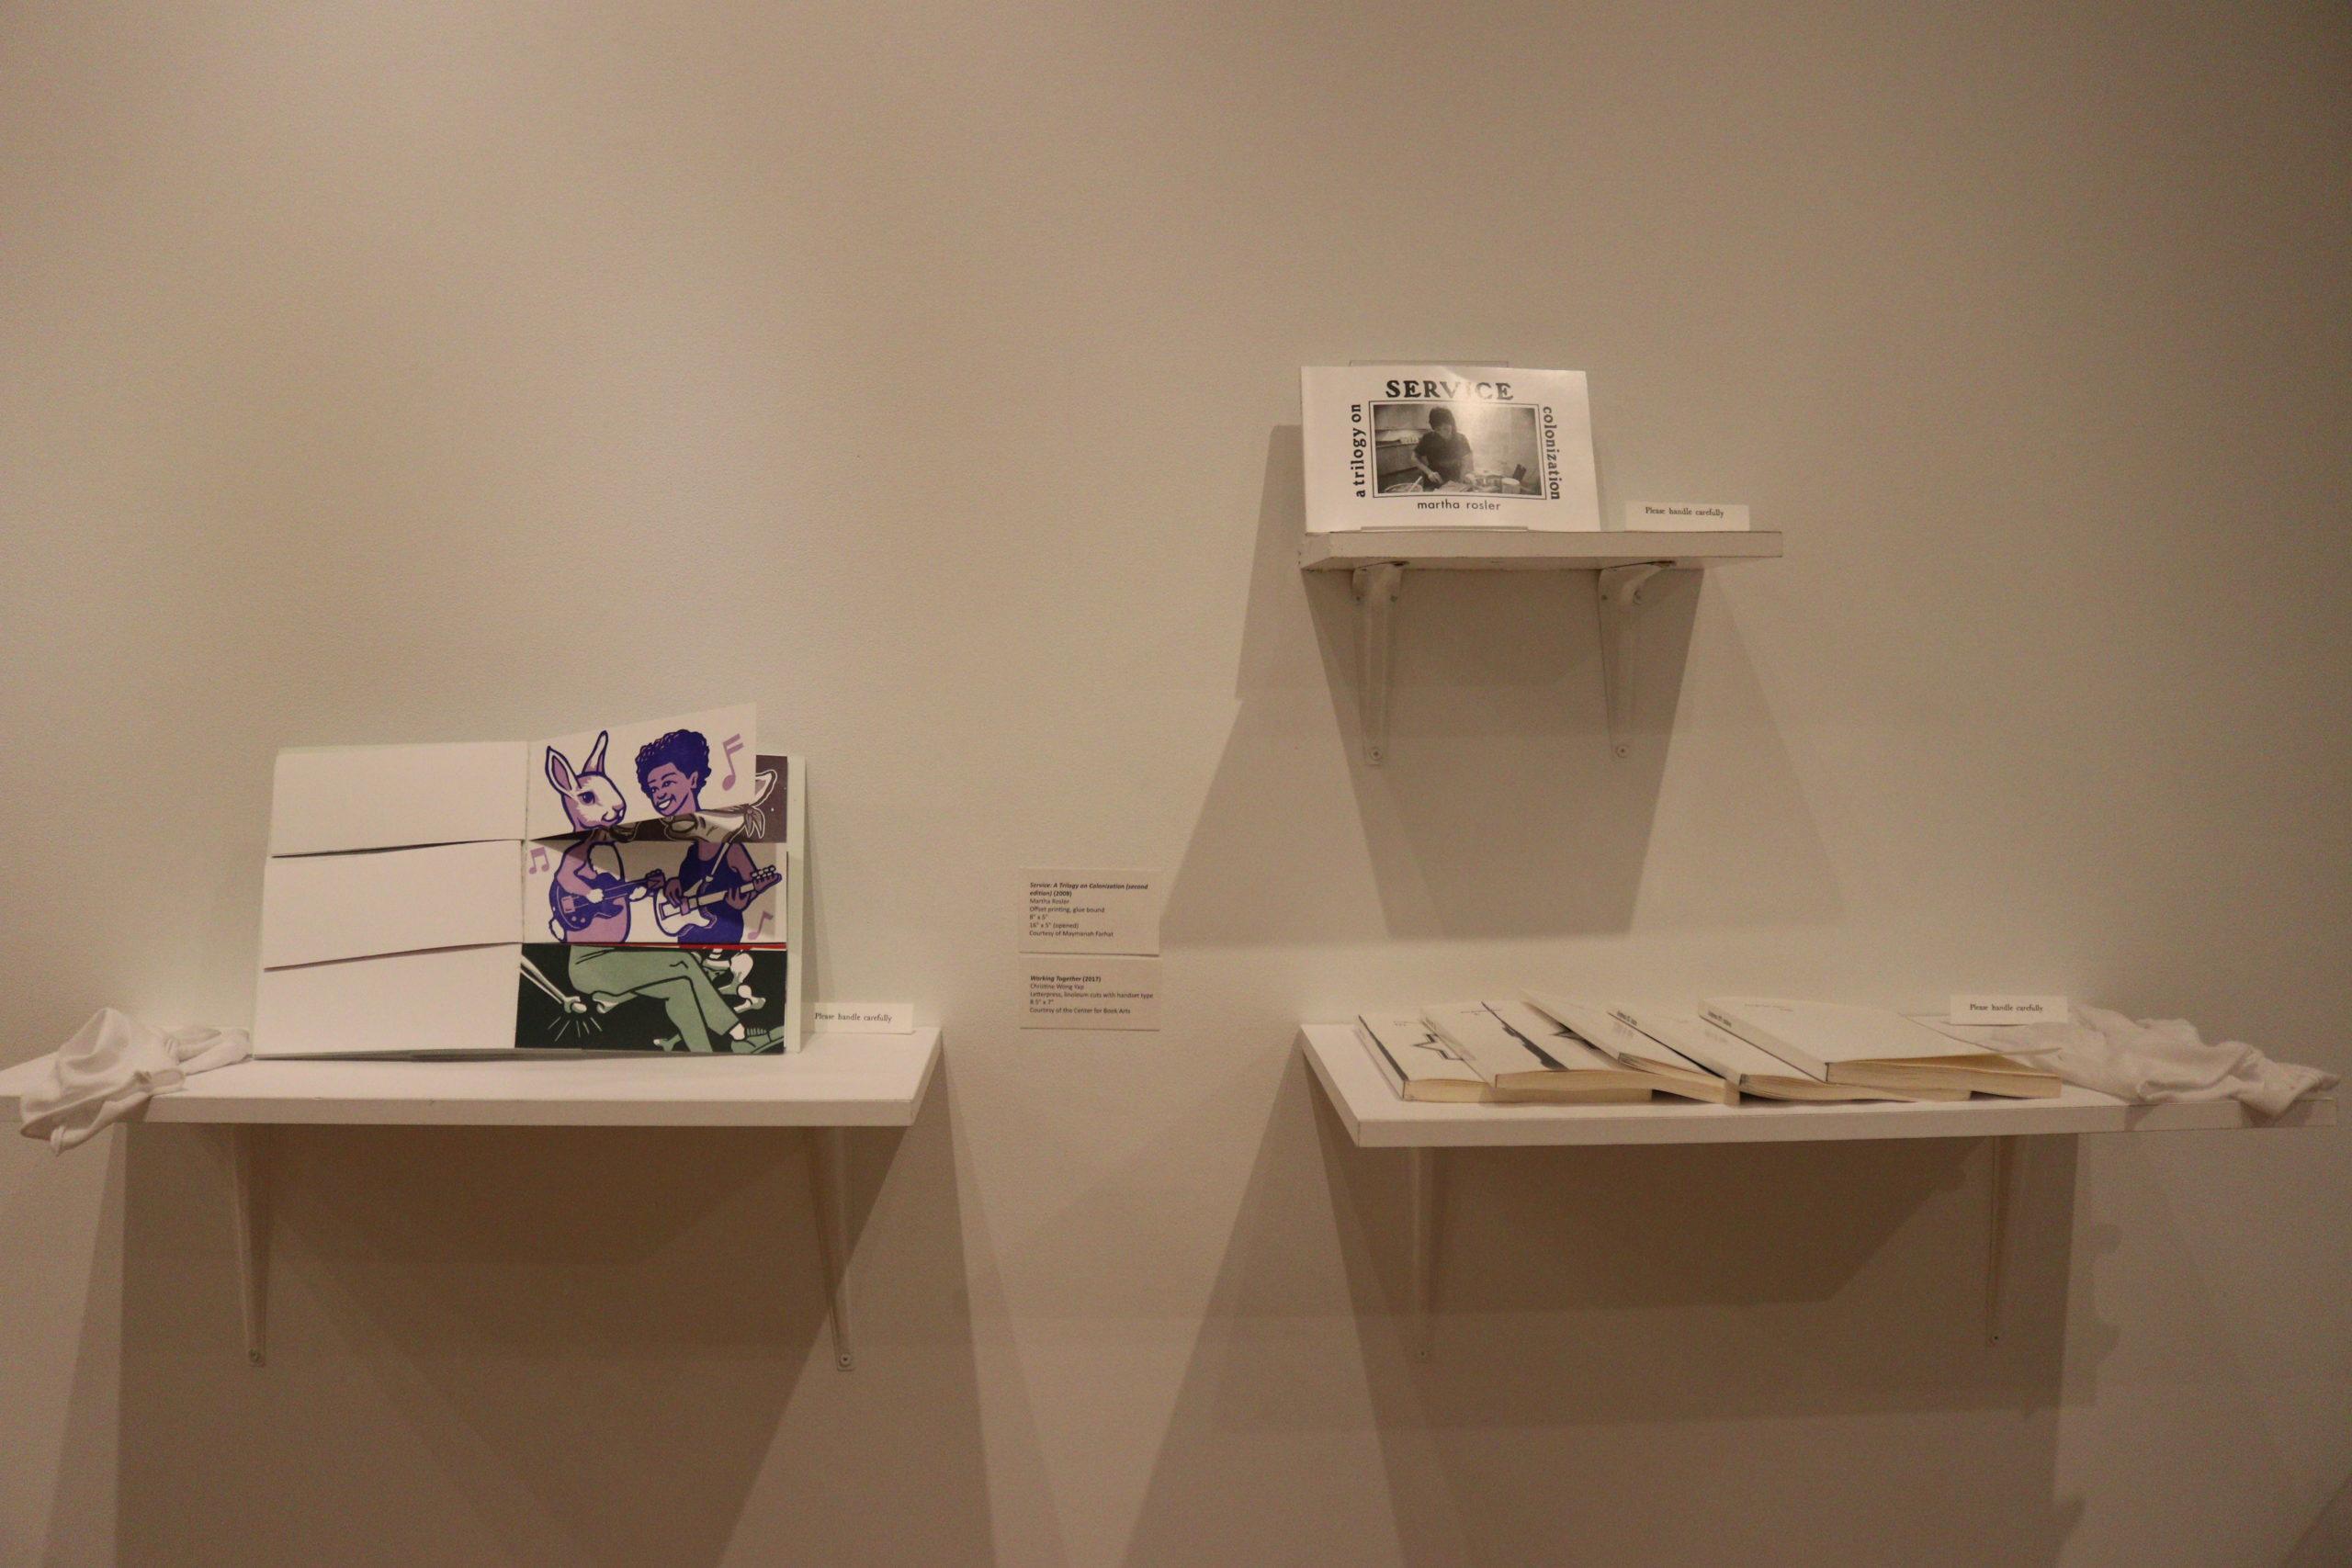 Therr artists books on white shelves